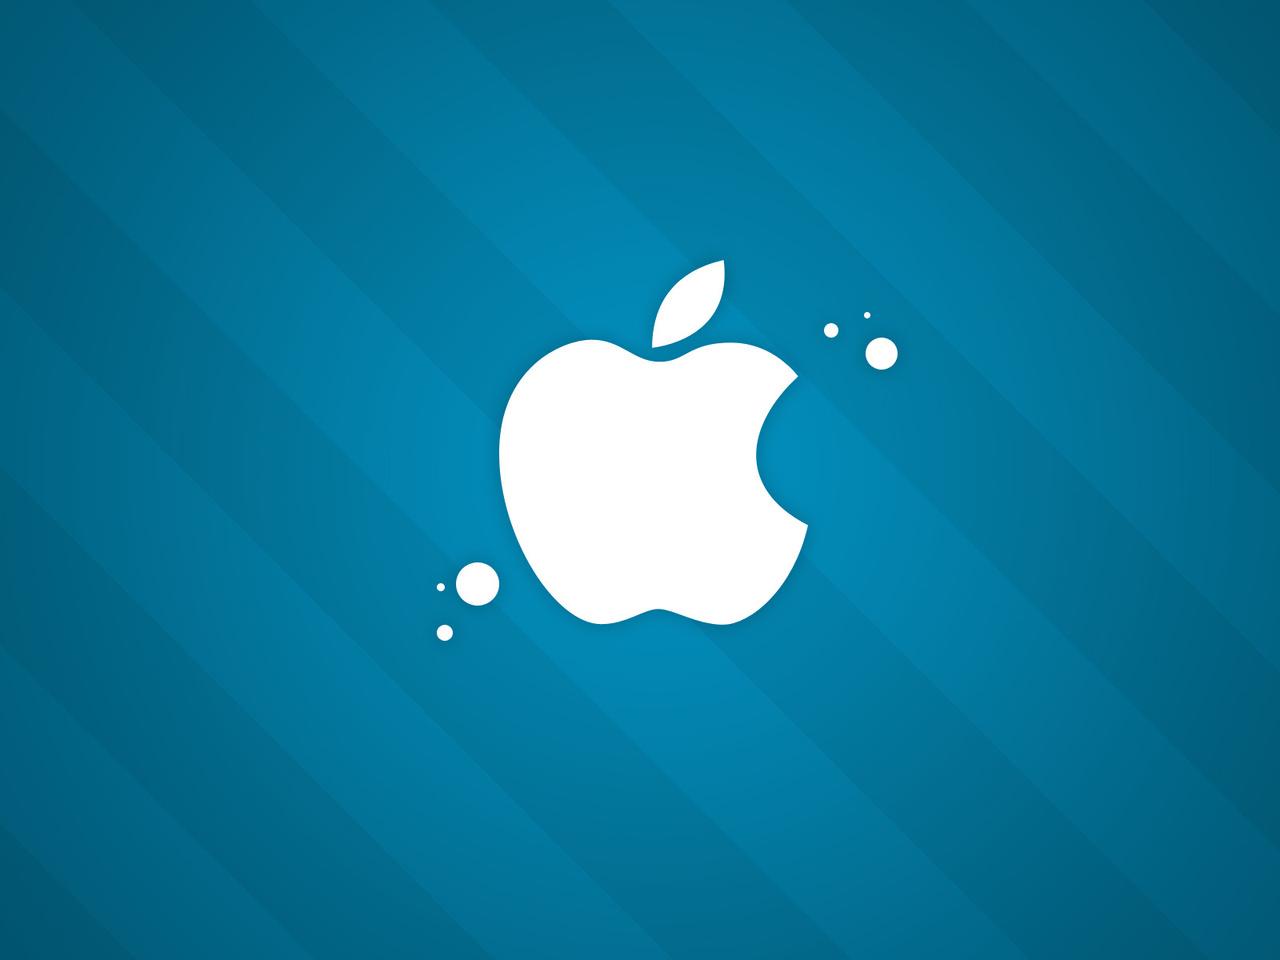 логотипы и эмблемы: